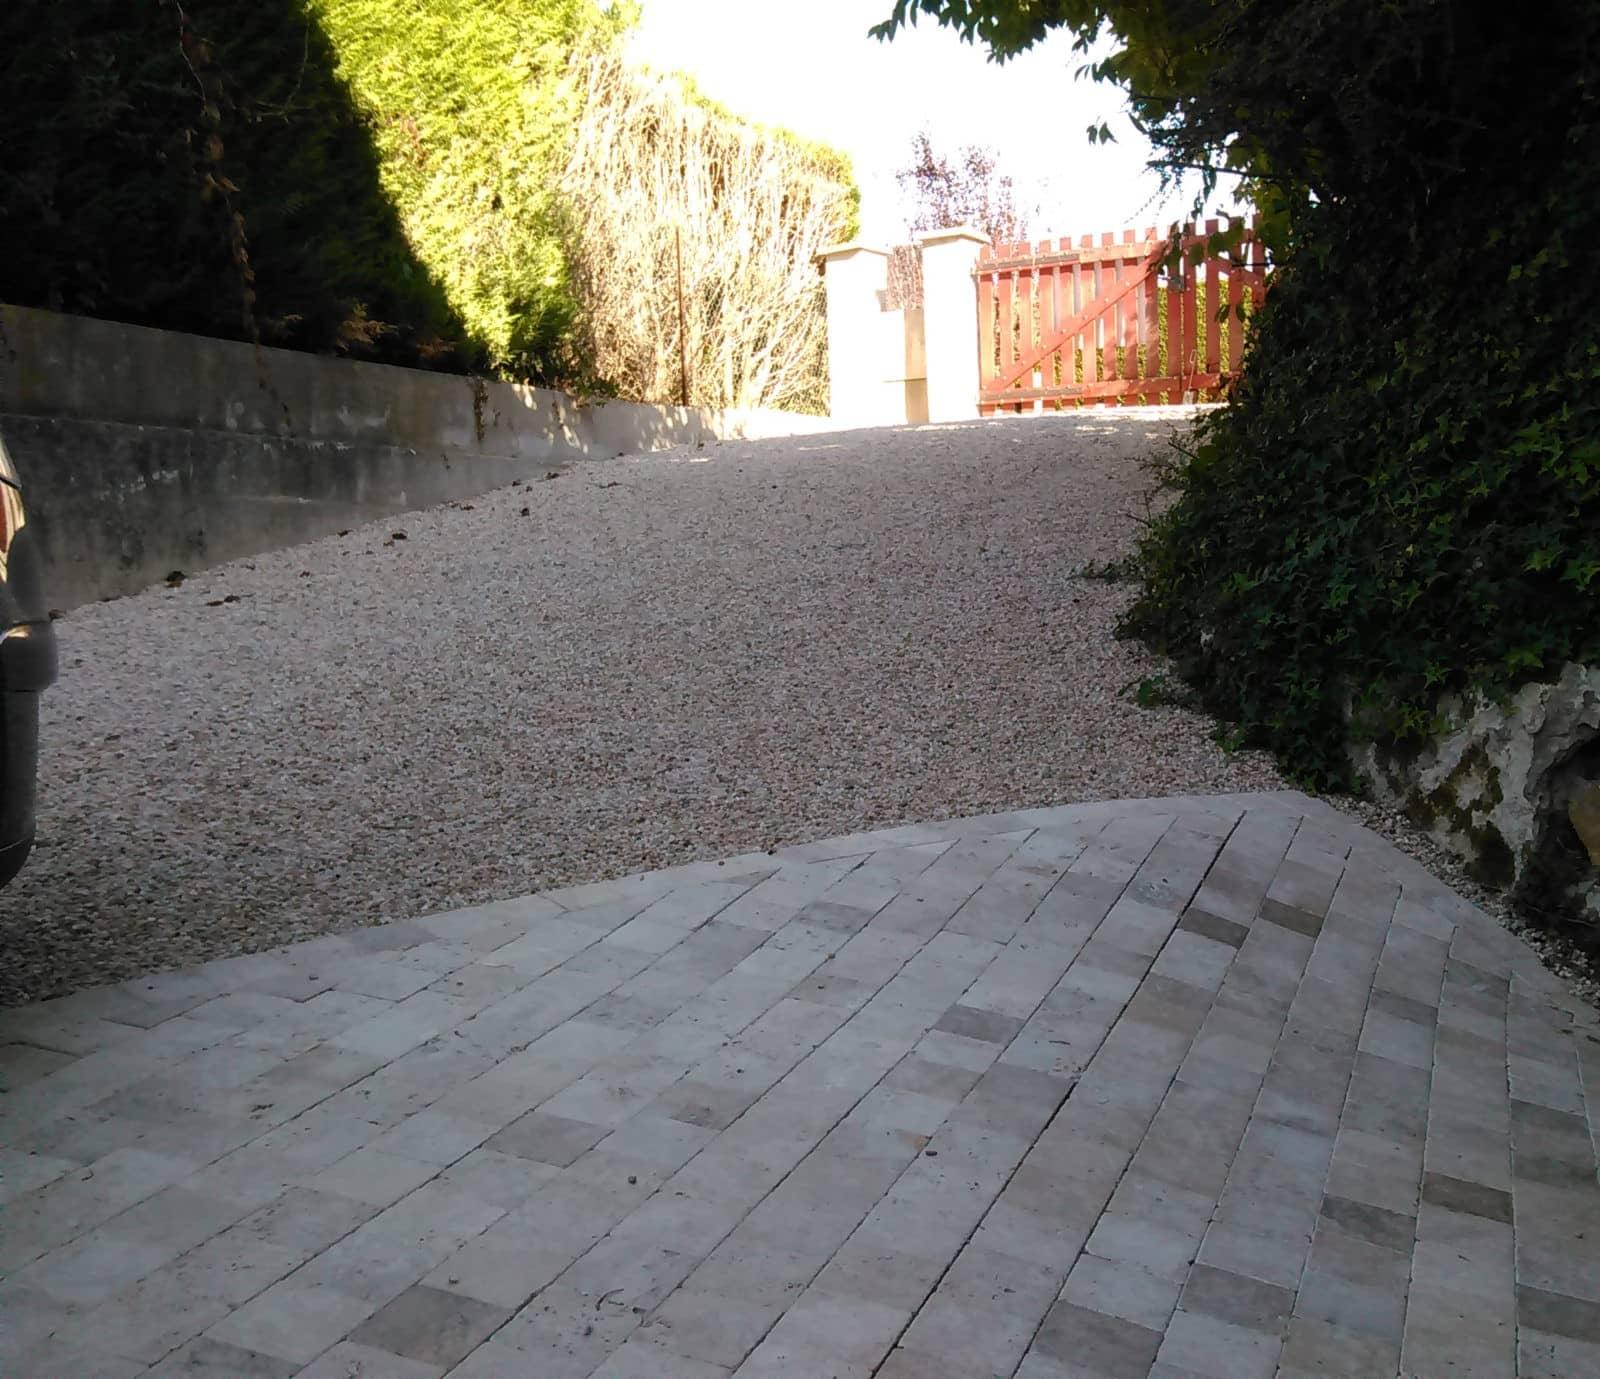 Comment Aménager Son Jardin En Pente aménagement d'allée en pente (voiture, jardin) - lantana